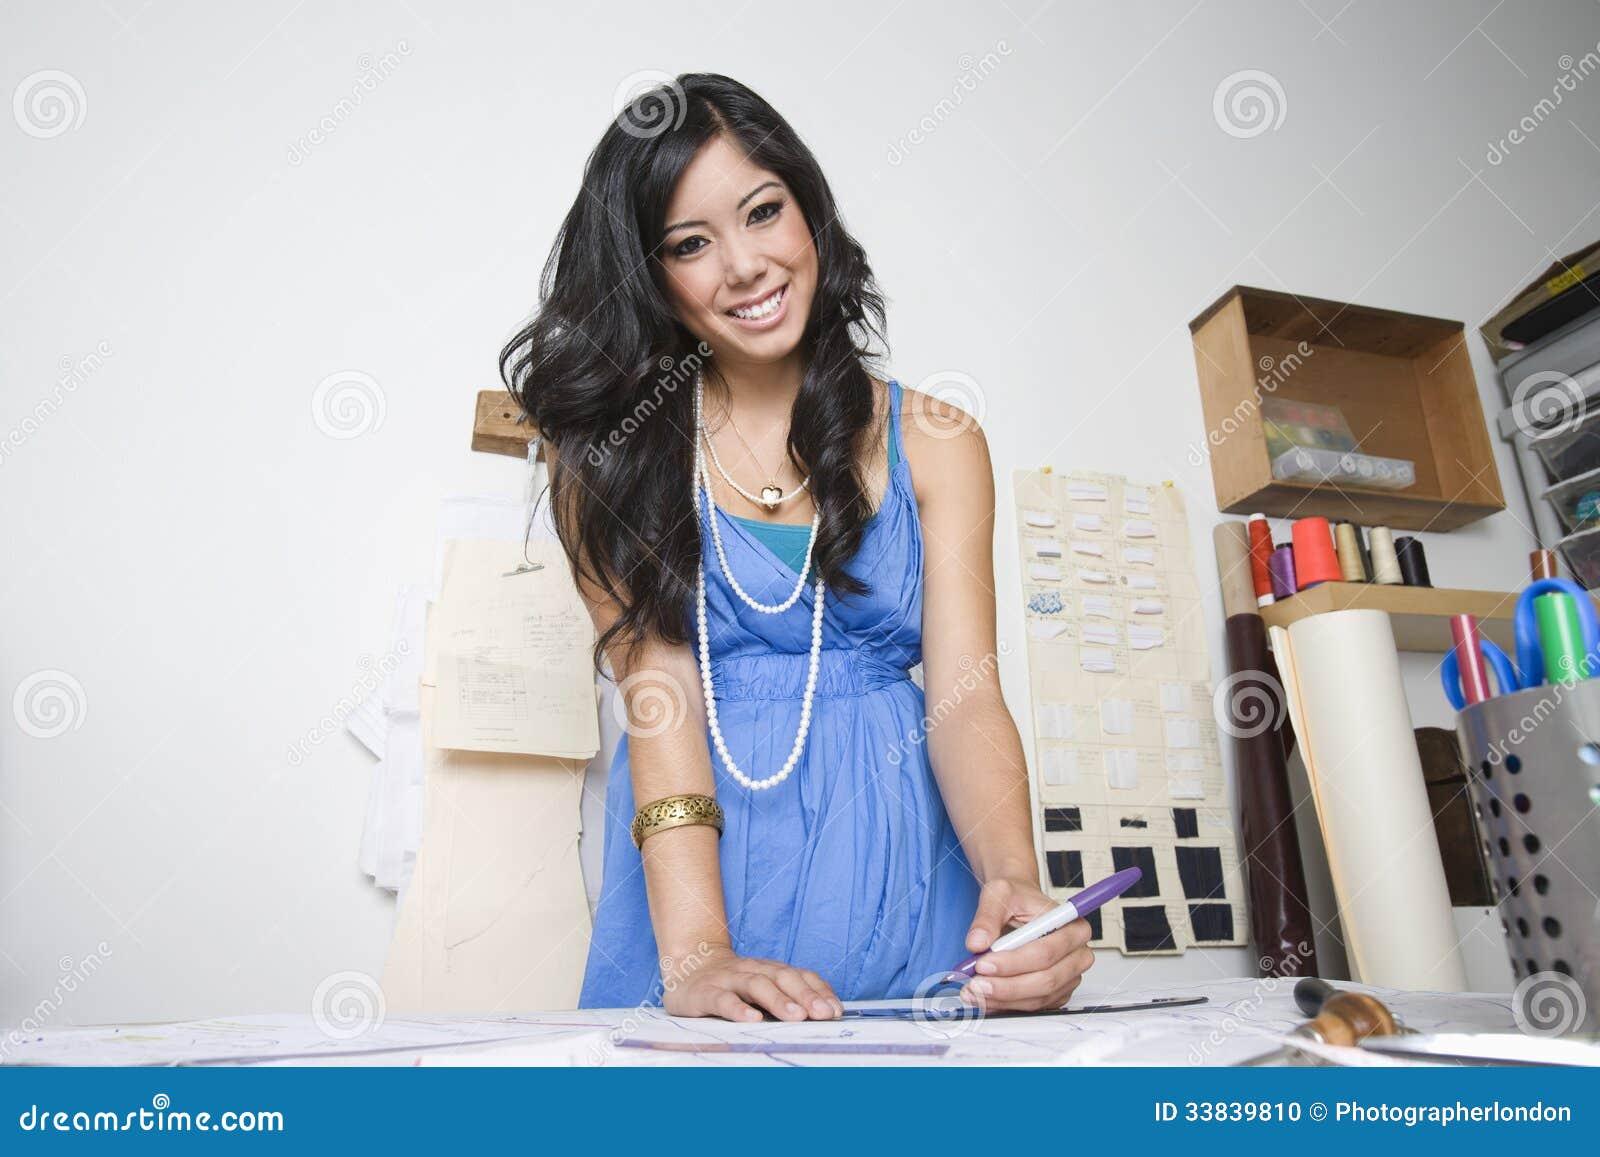 Female Fashion Designer At Desk Stock Photo - Image of ...